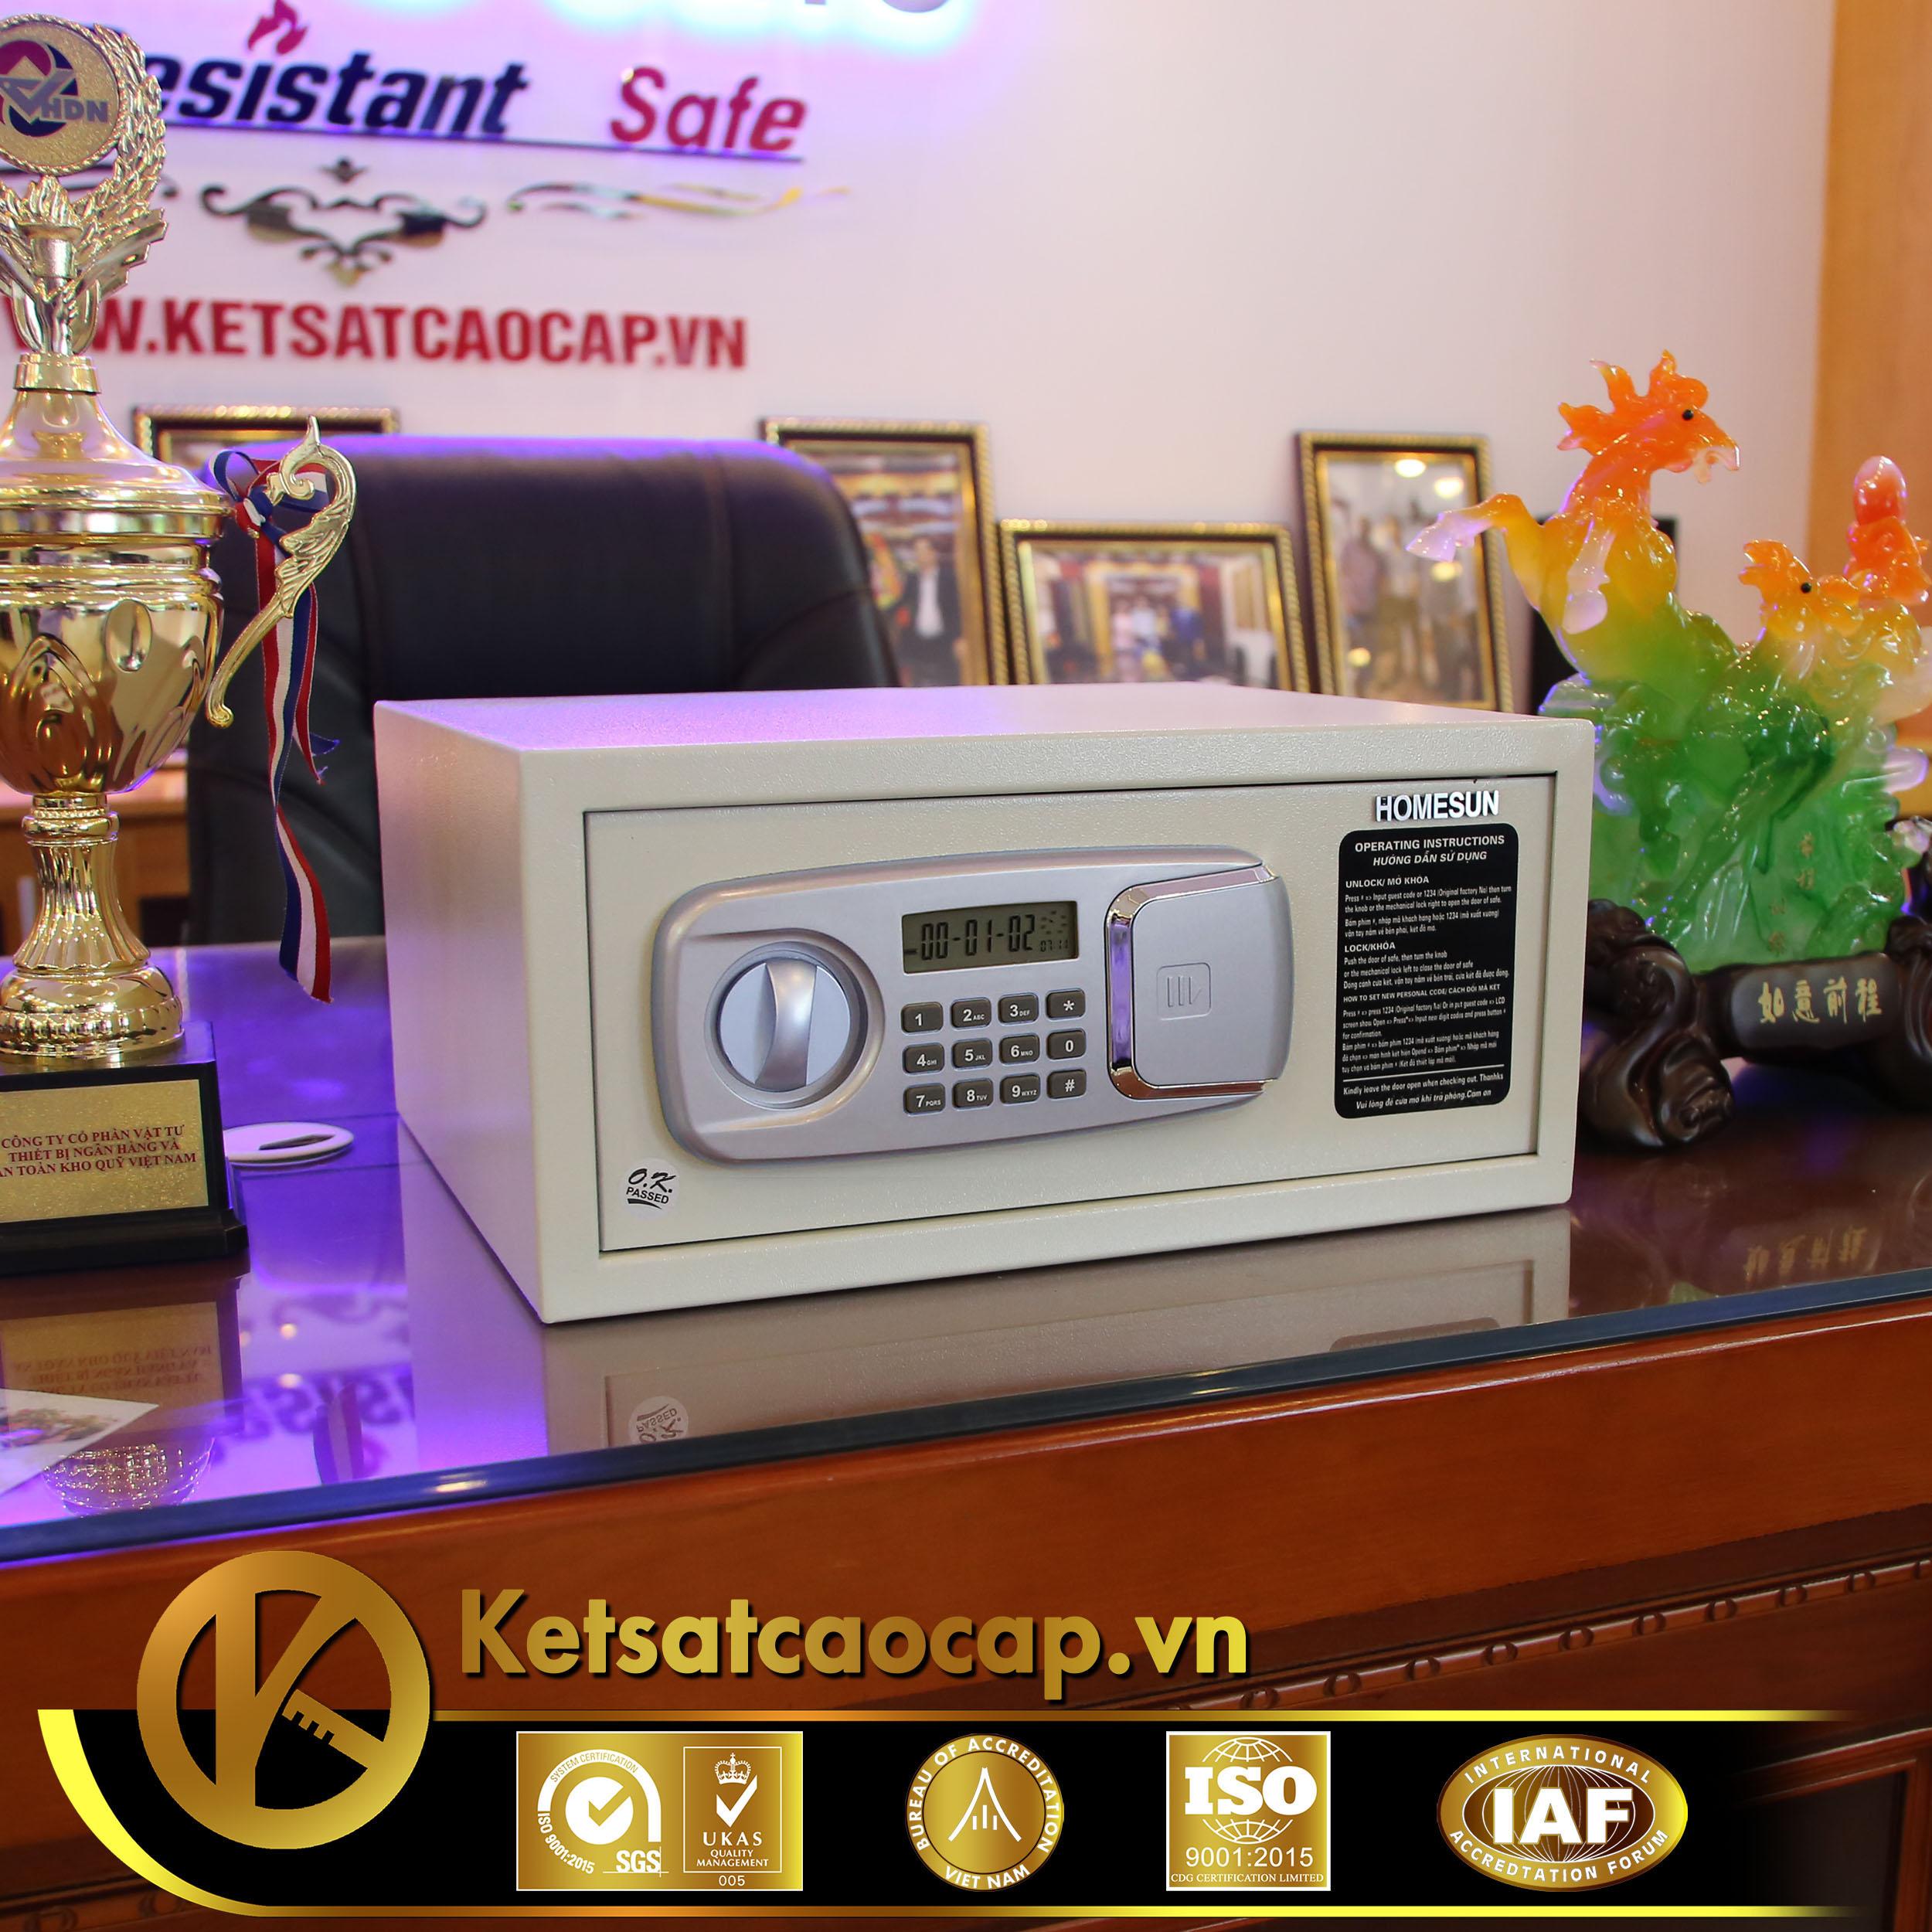 cửa hàng bán két sắt khách sạn Hotel safe cao cấp Phú Quốc